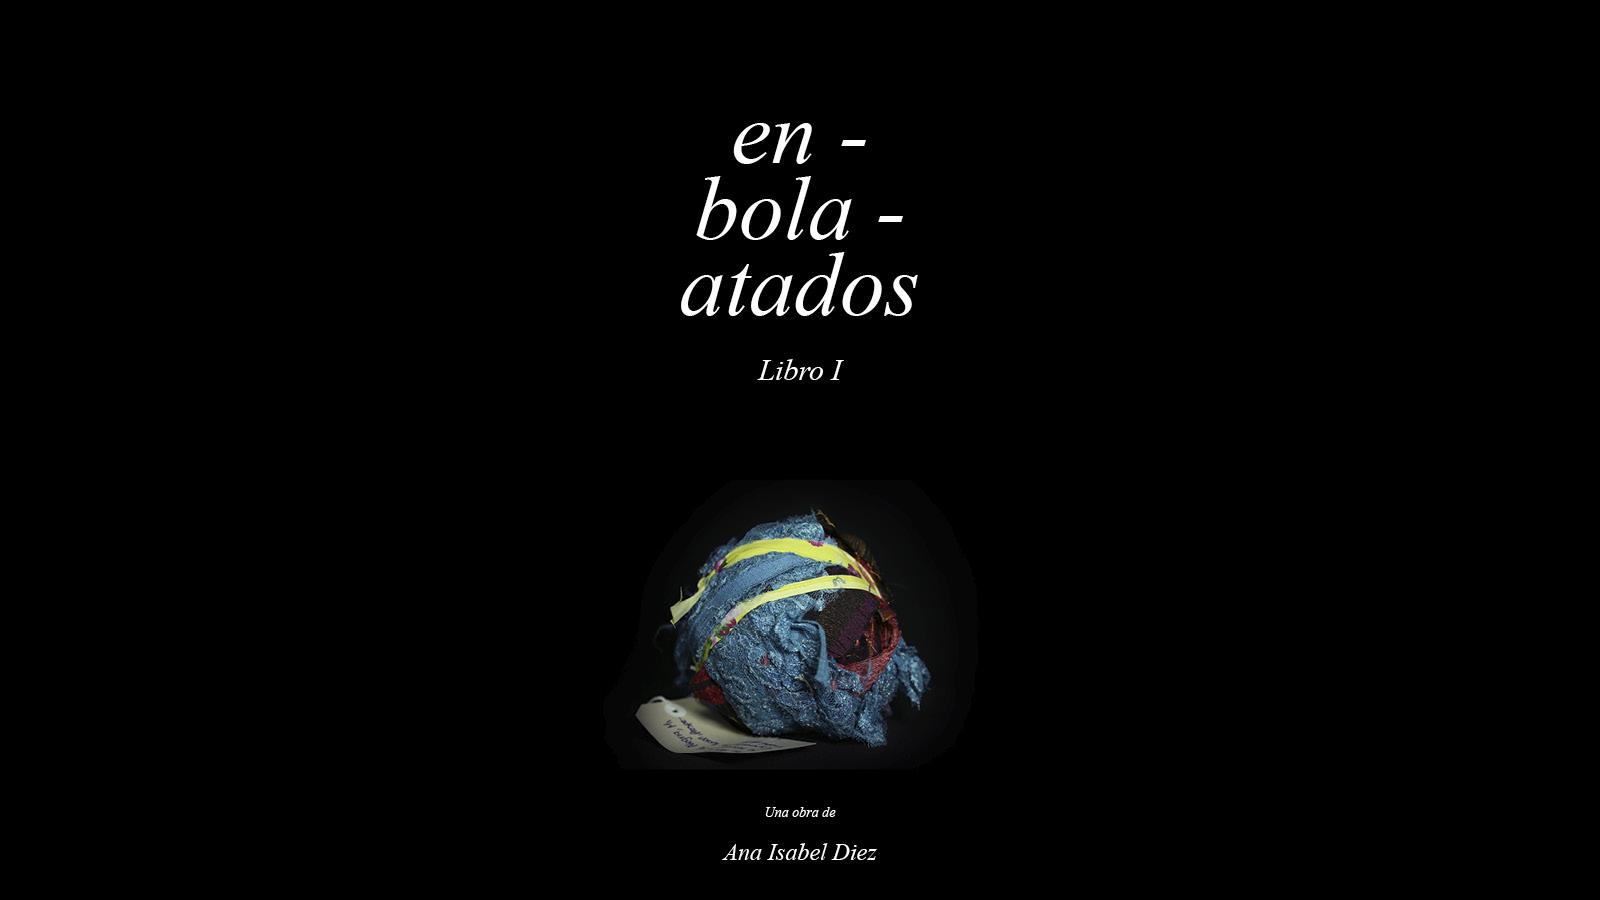 en_bola_atados_libro134.jpg